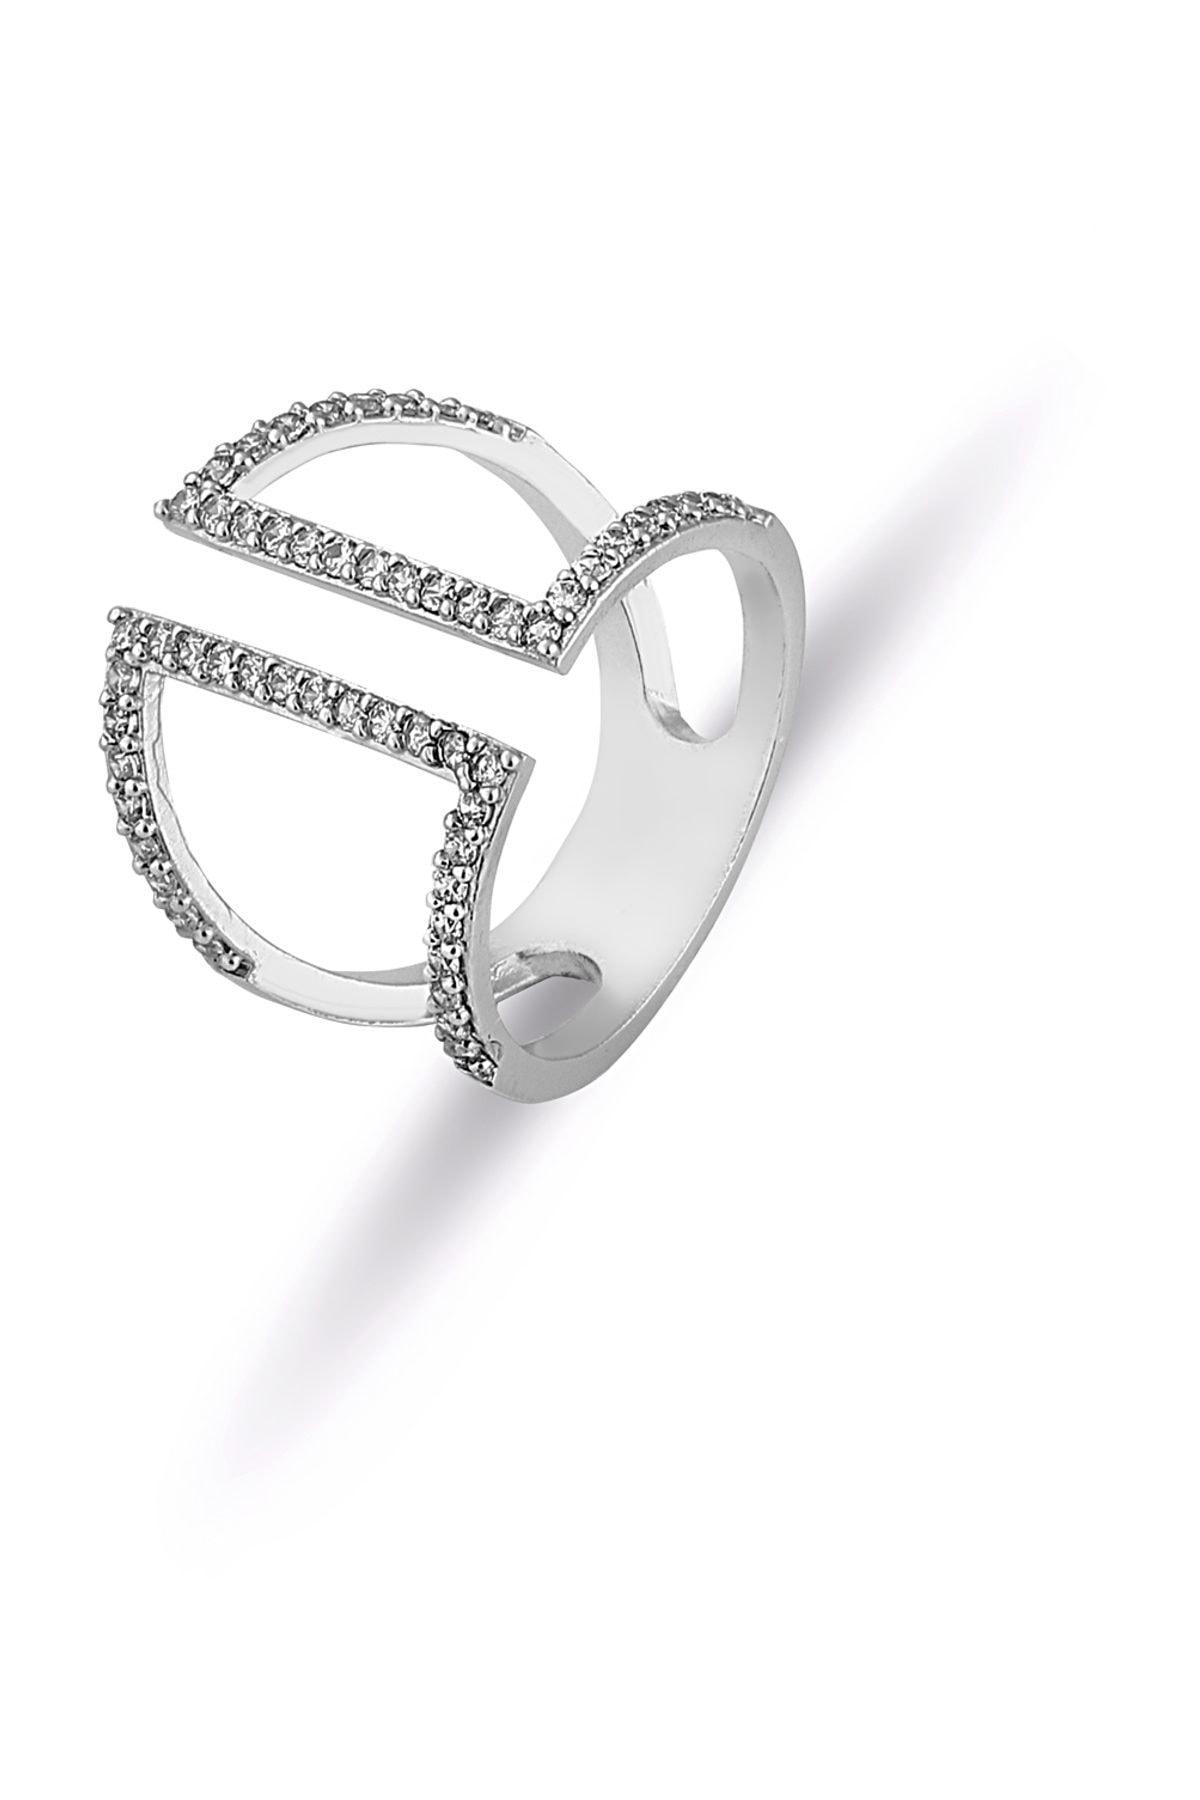 Forentina Kadın  Gümüş Kaplama Ayarlanabilir Tasarım Yüzük PS0846 1